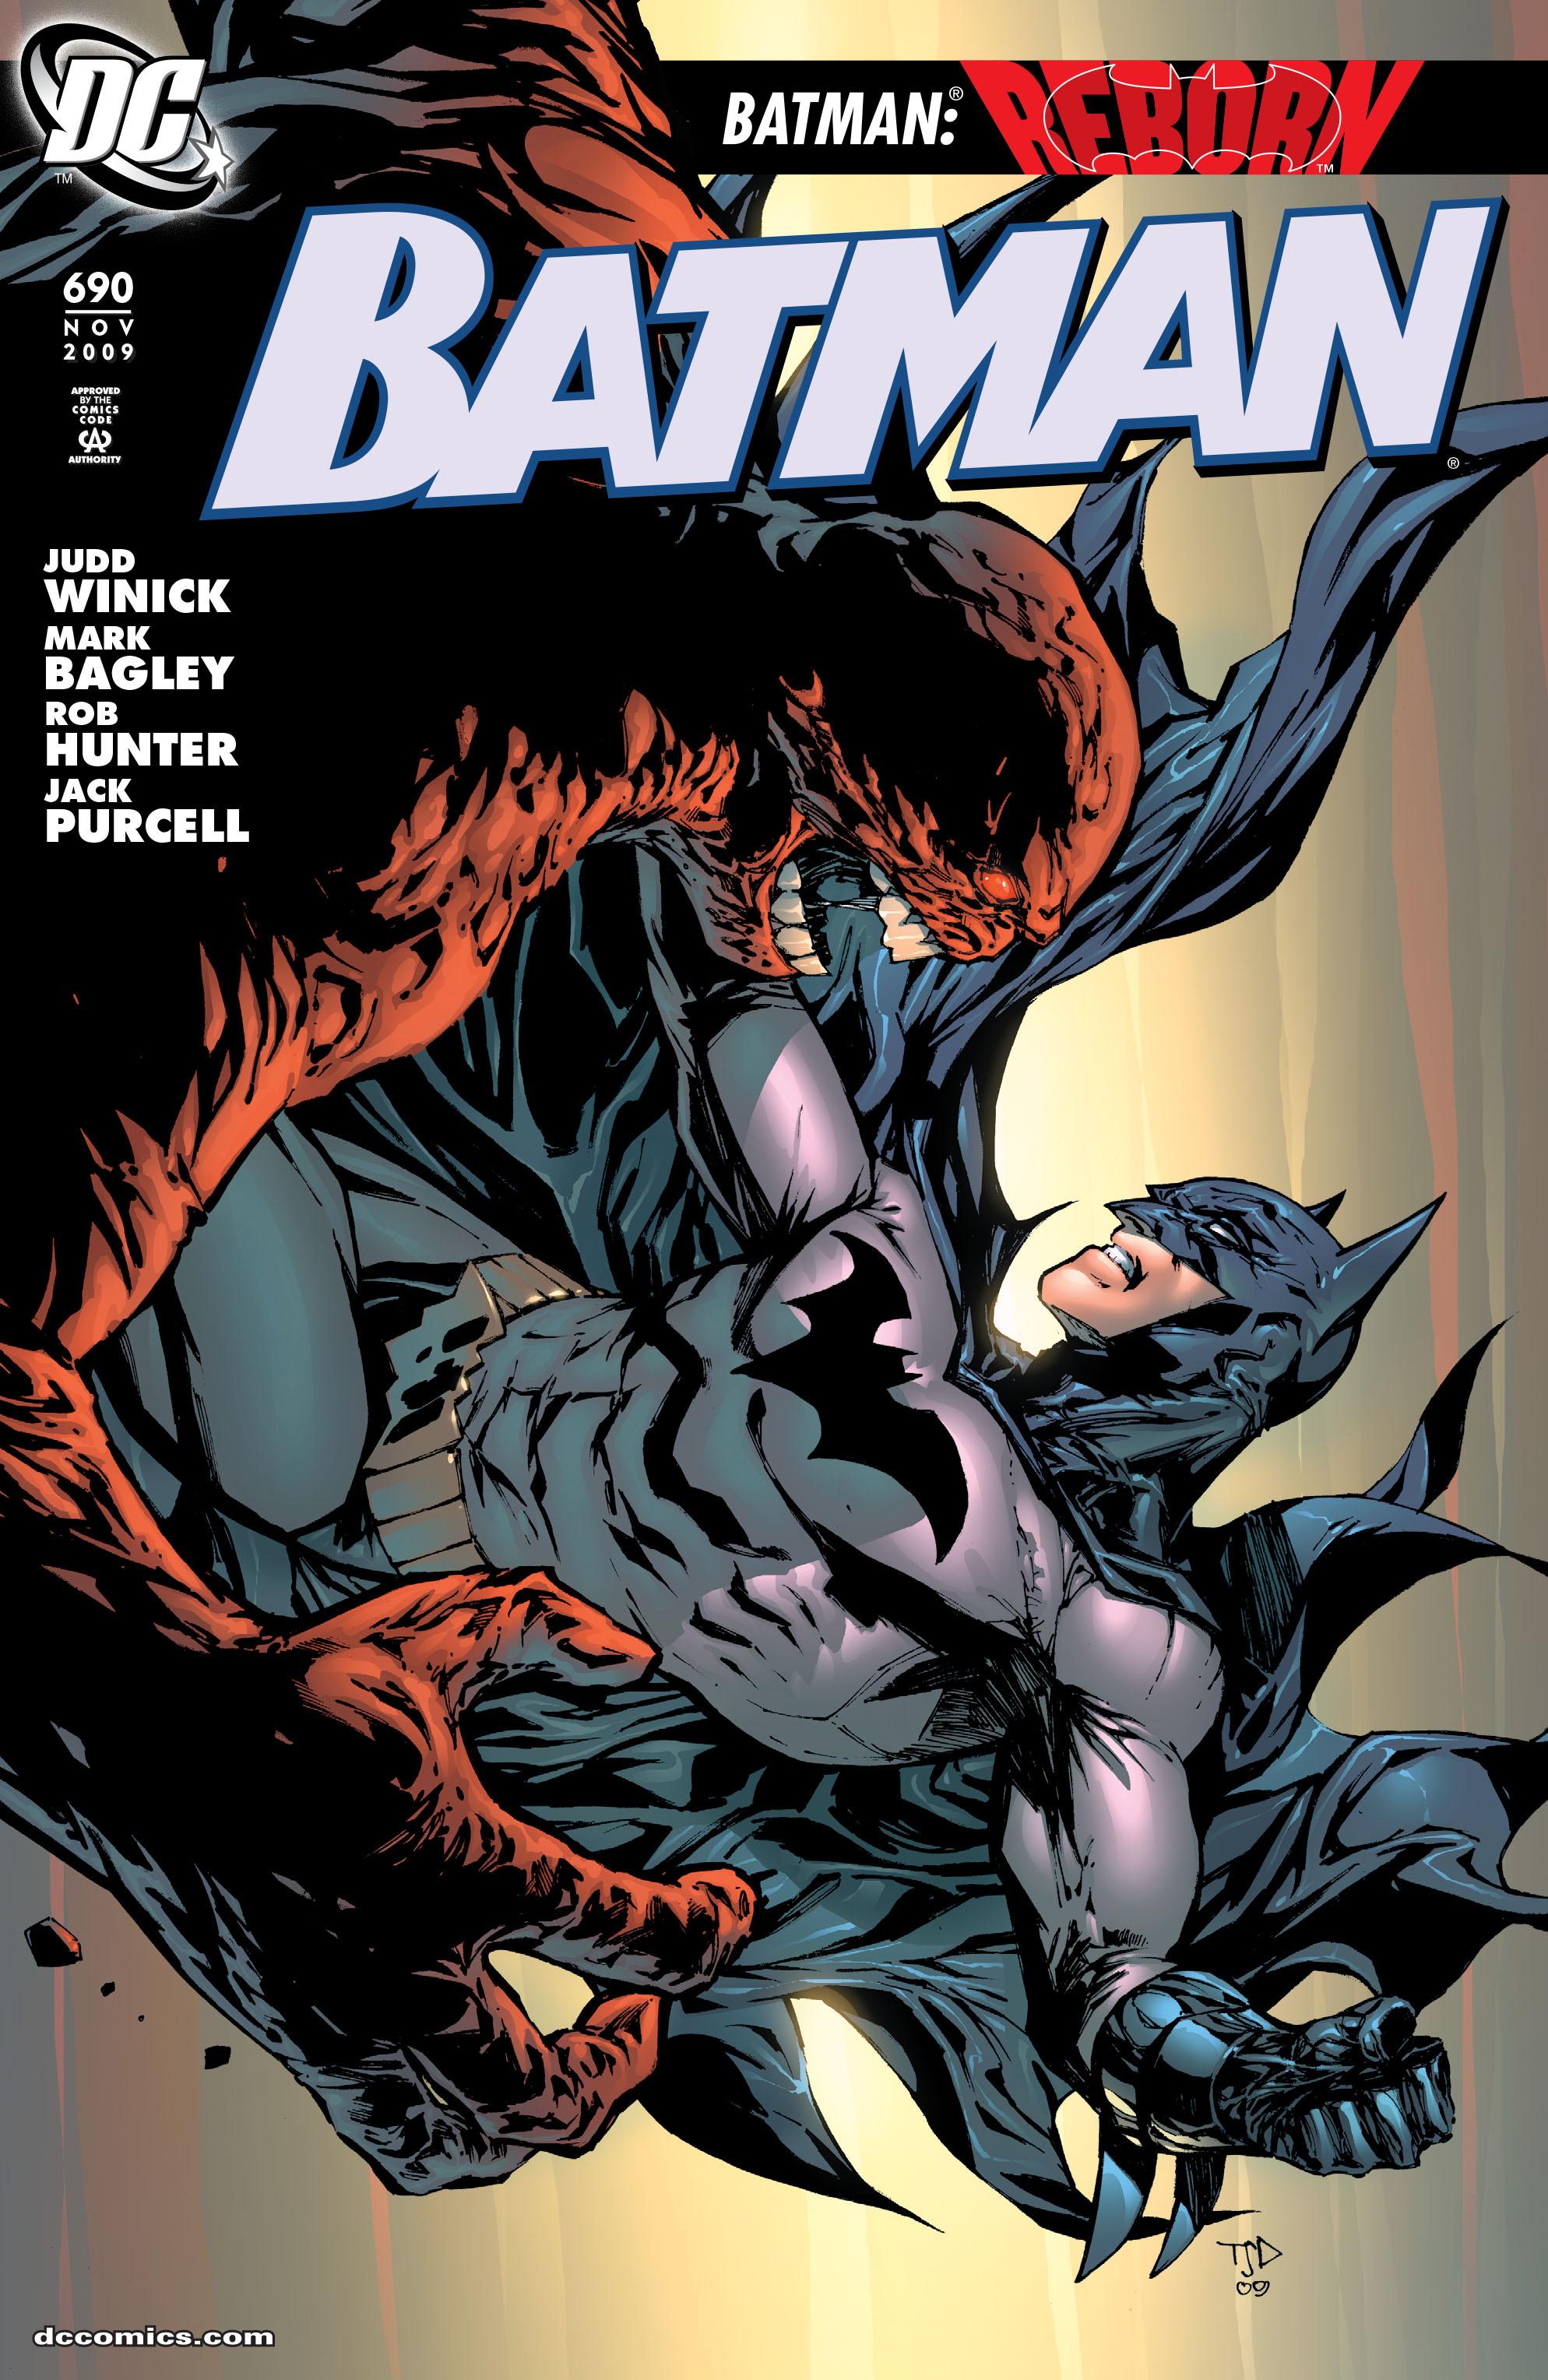 Batman (1940) 690 Page 1